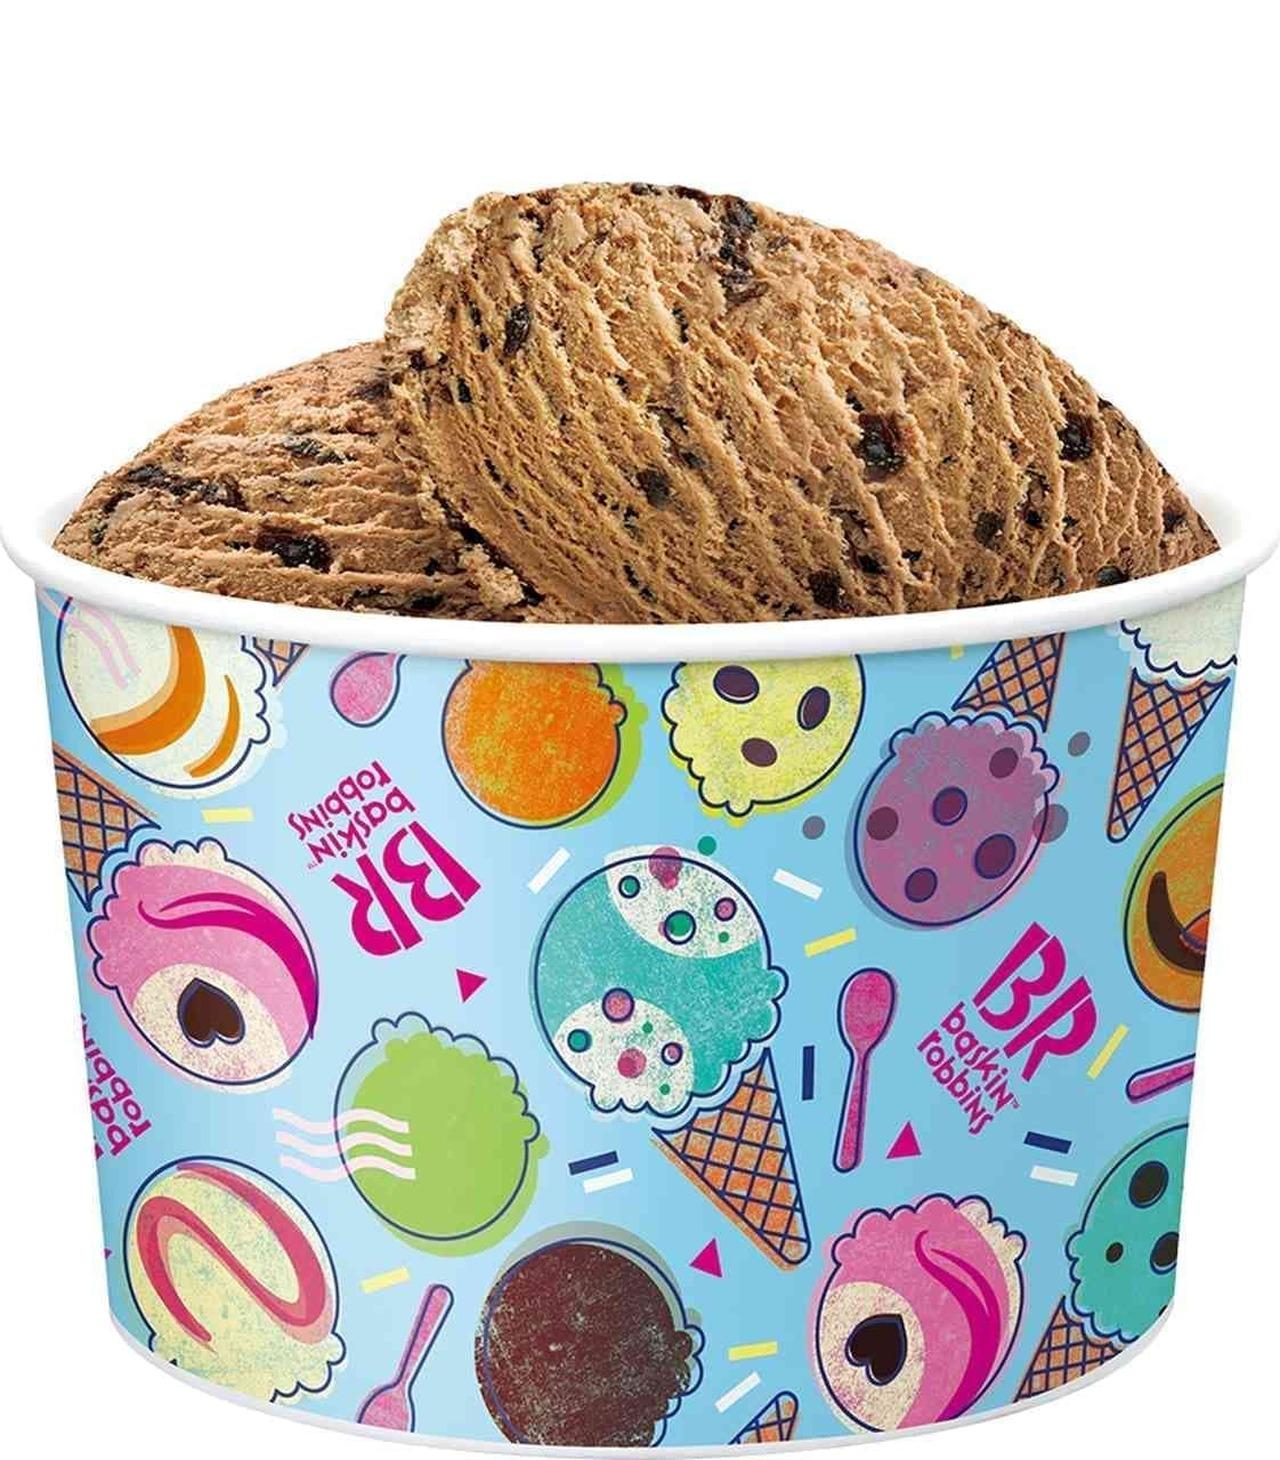 サーティワン トリプルポップに+100円でアイスを増やせるキャンペーン